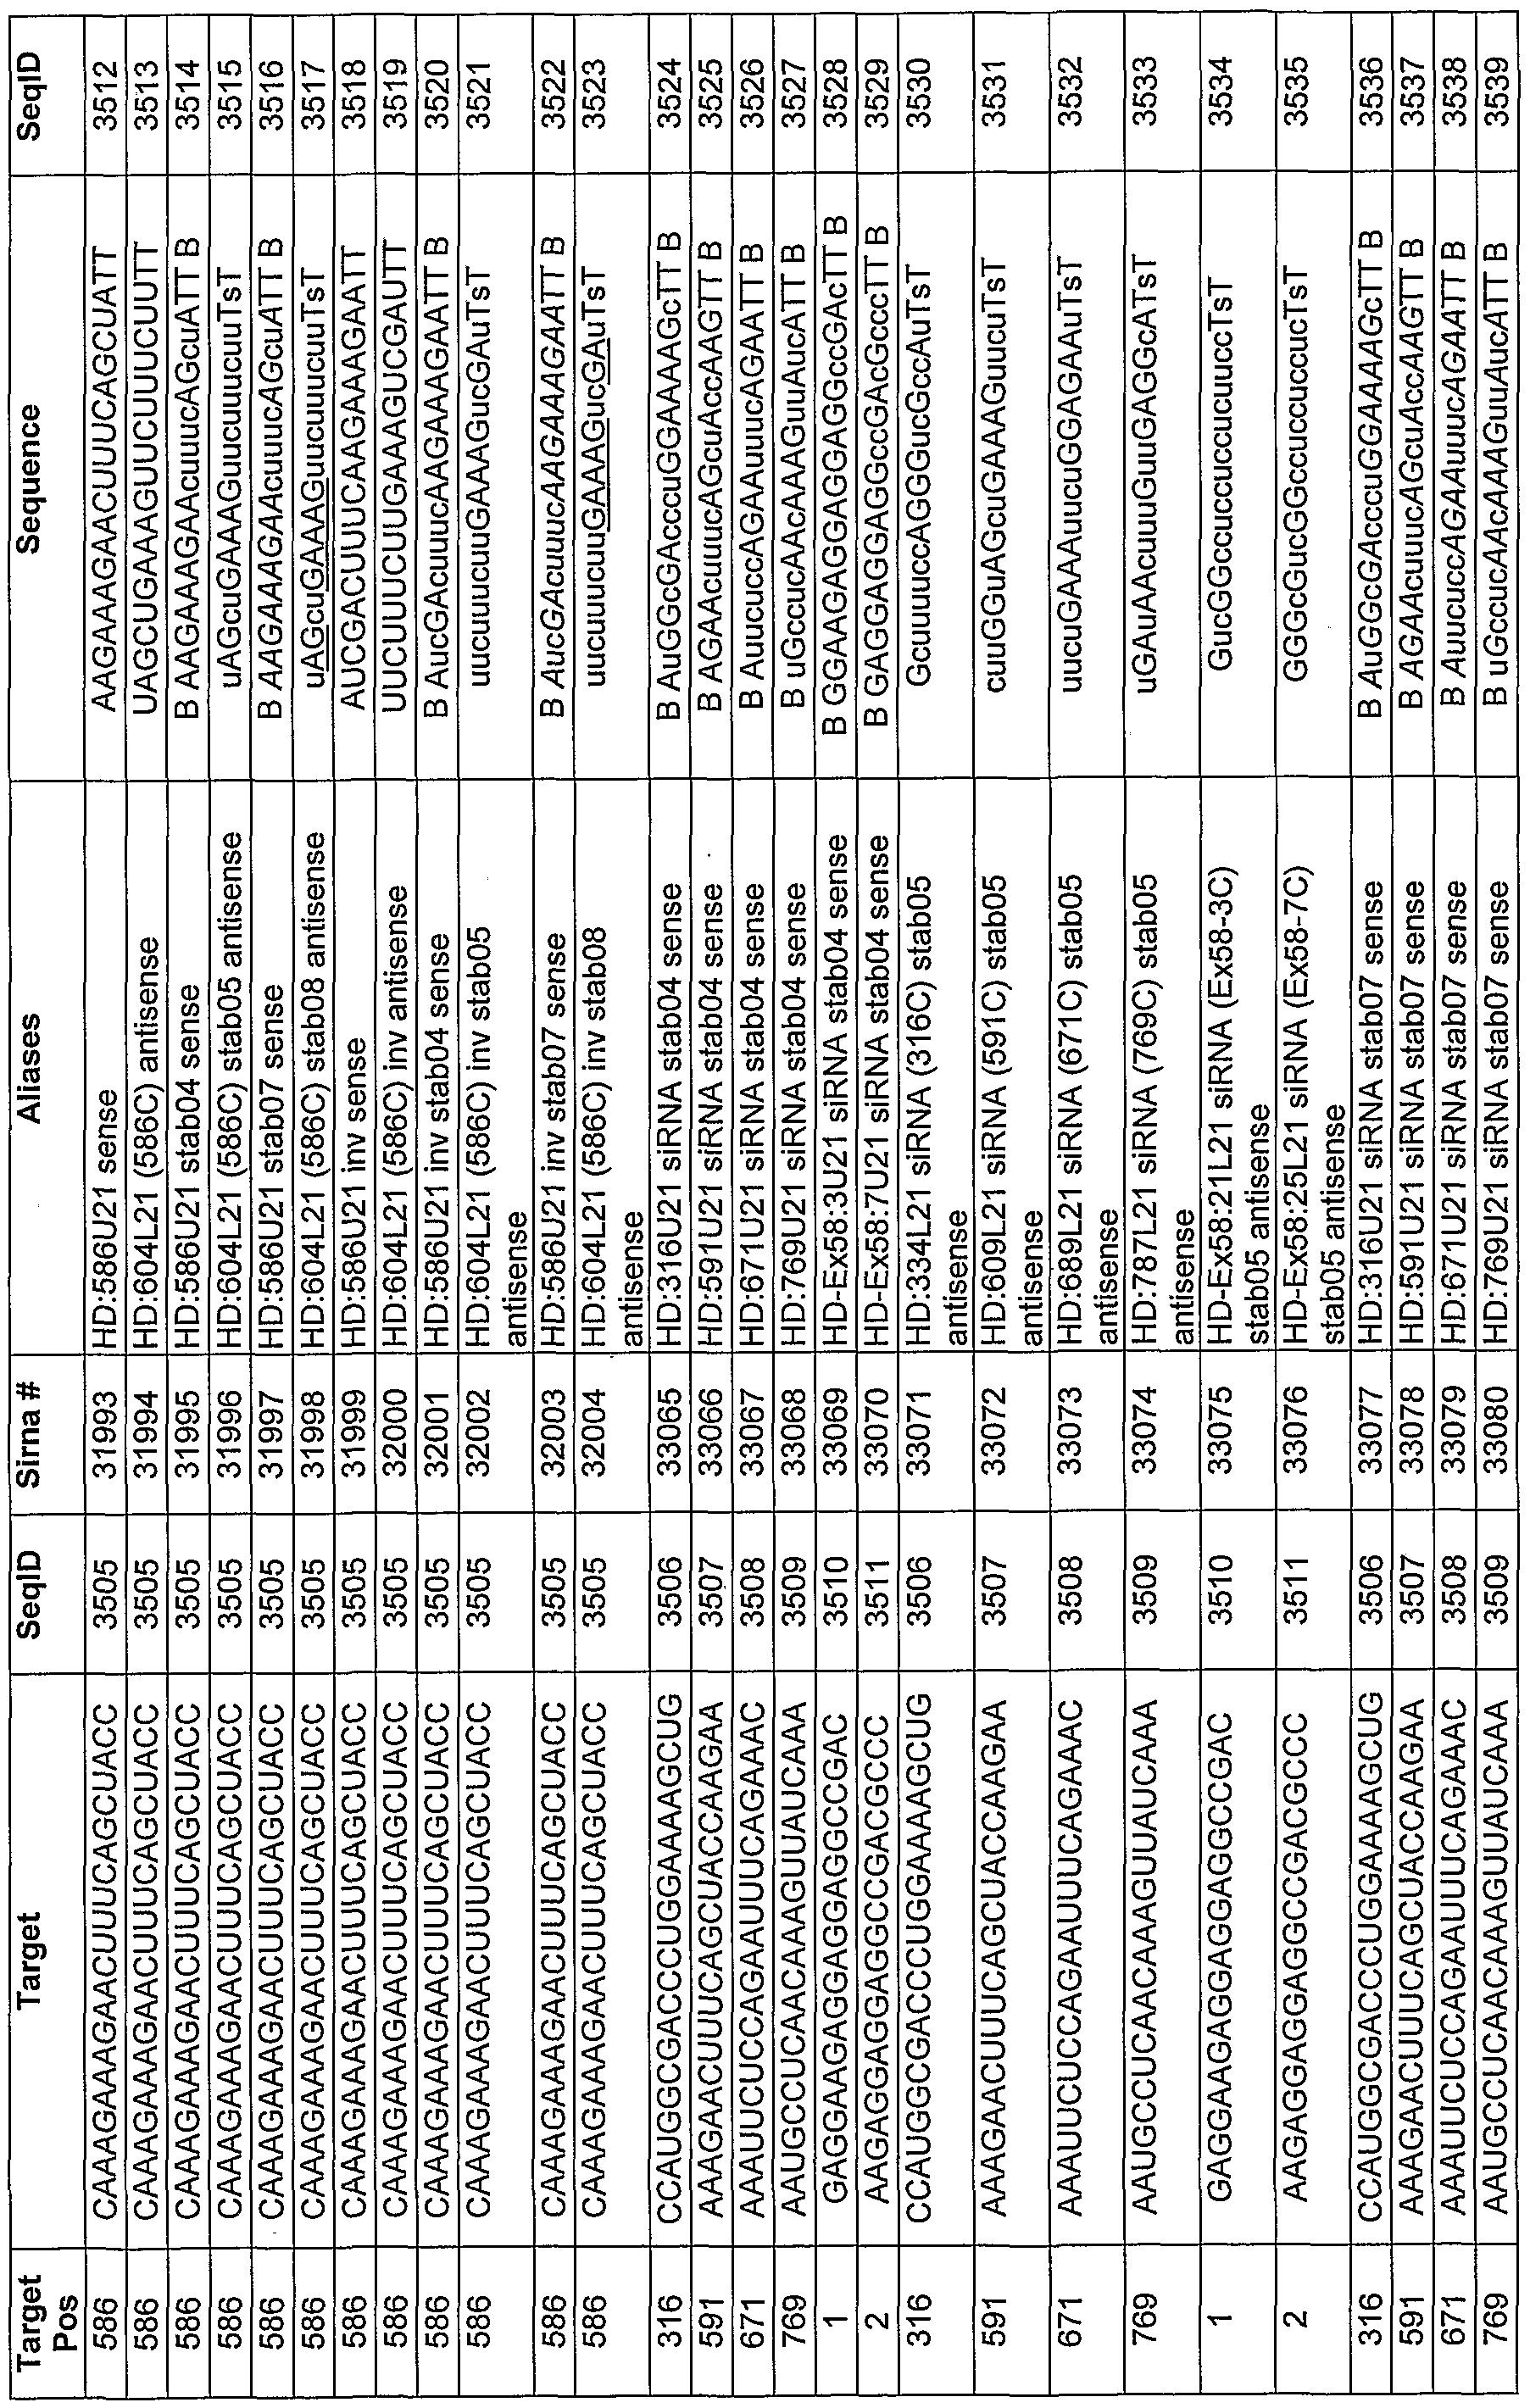 Figure imgf000259_0002